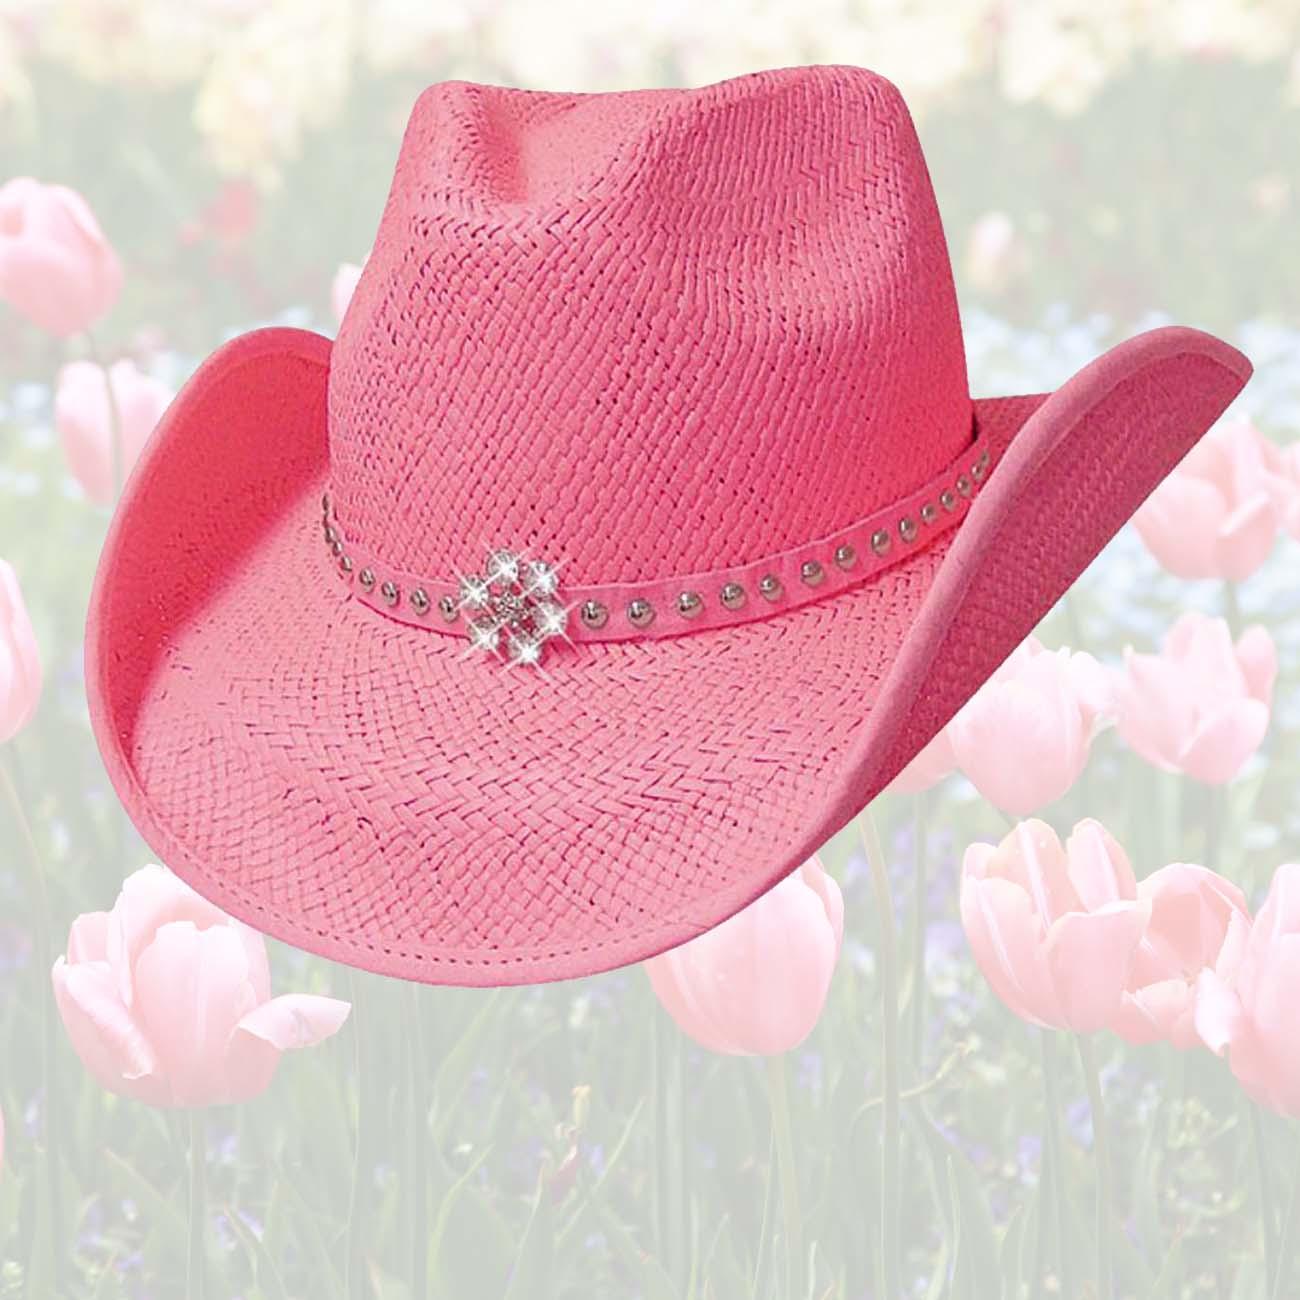 画像1: ラインストーンフラワー&スタッズ ウエスタン ストロー ハット(ピンク)/Western Straw Hat(Pink)